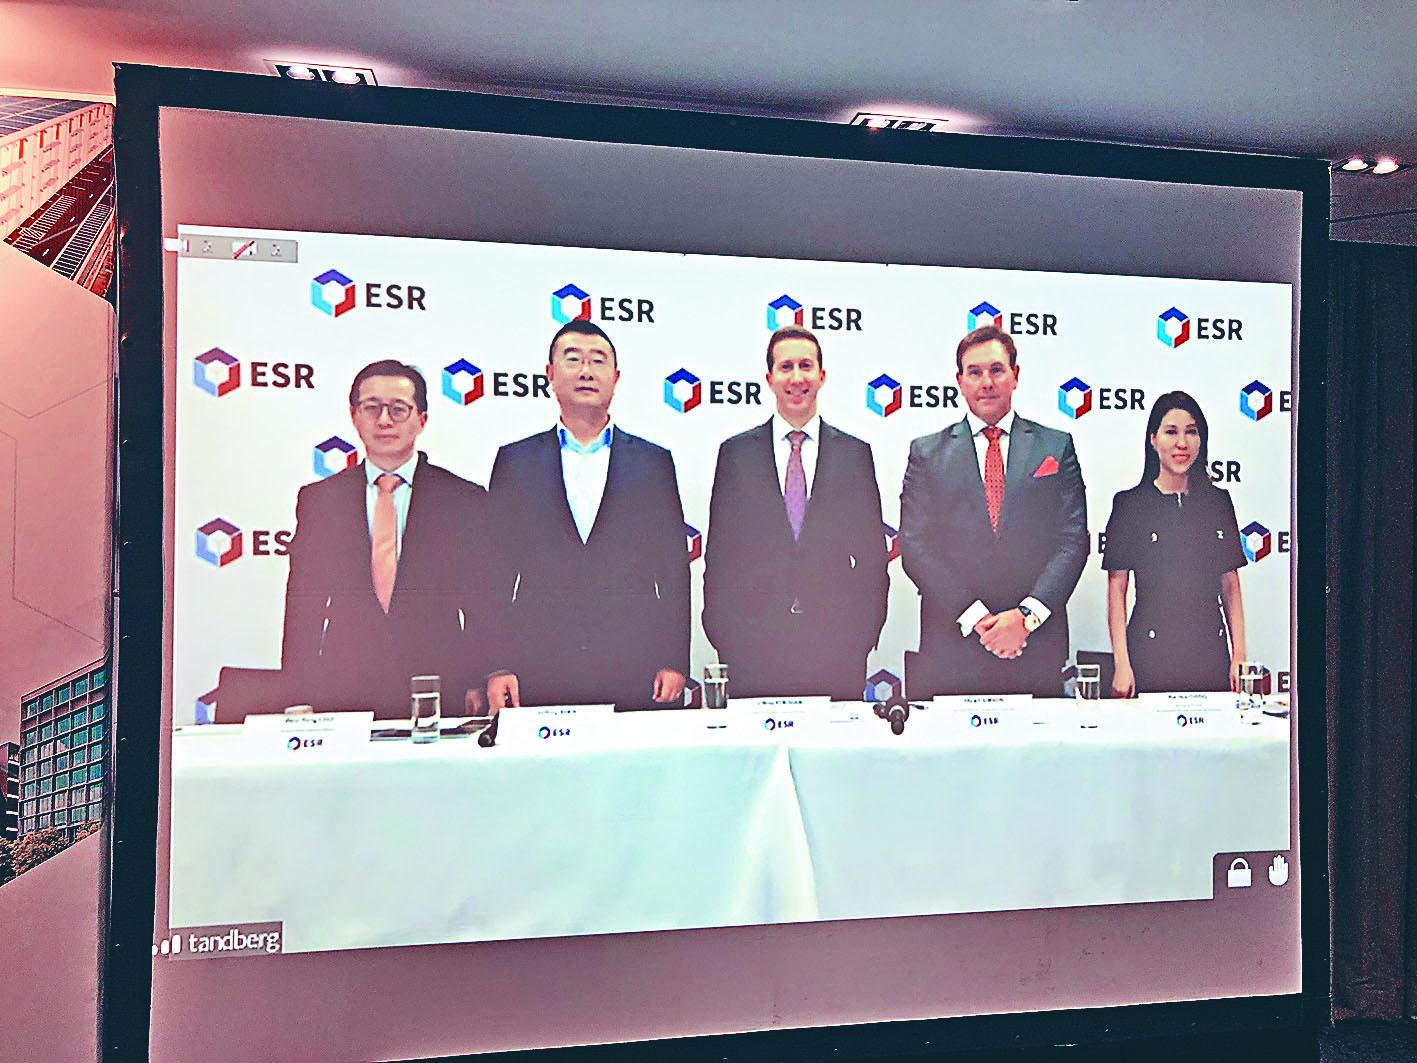 曾在6月展開招股的亞太區物流地產平台ESR Cayman捲土重來,集資逾113.74億元,集資額較6月份叫停招股前還要多16億元。